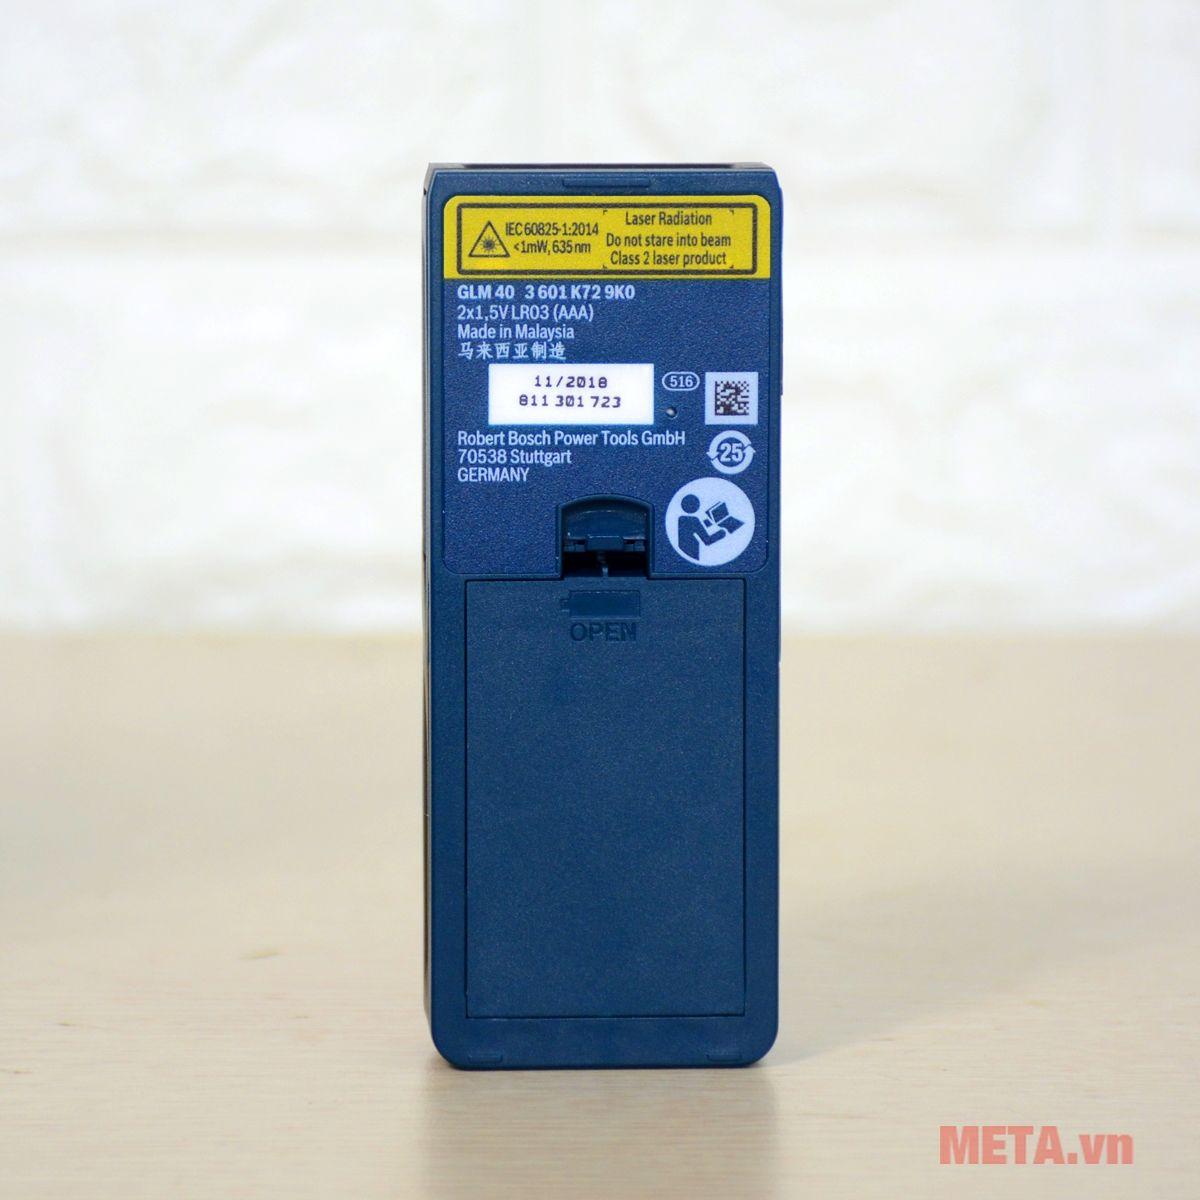 Máy đo khoảng cách laser Bosch GLM 40 sản xuất tại Malaysia